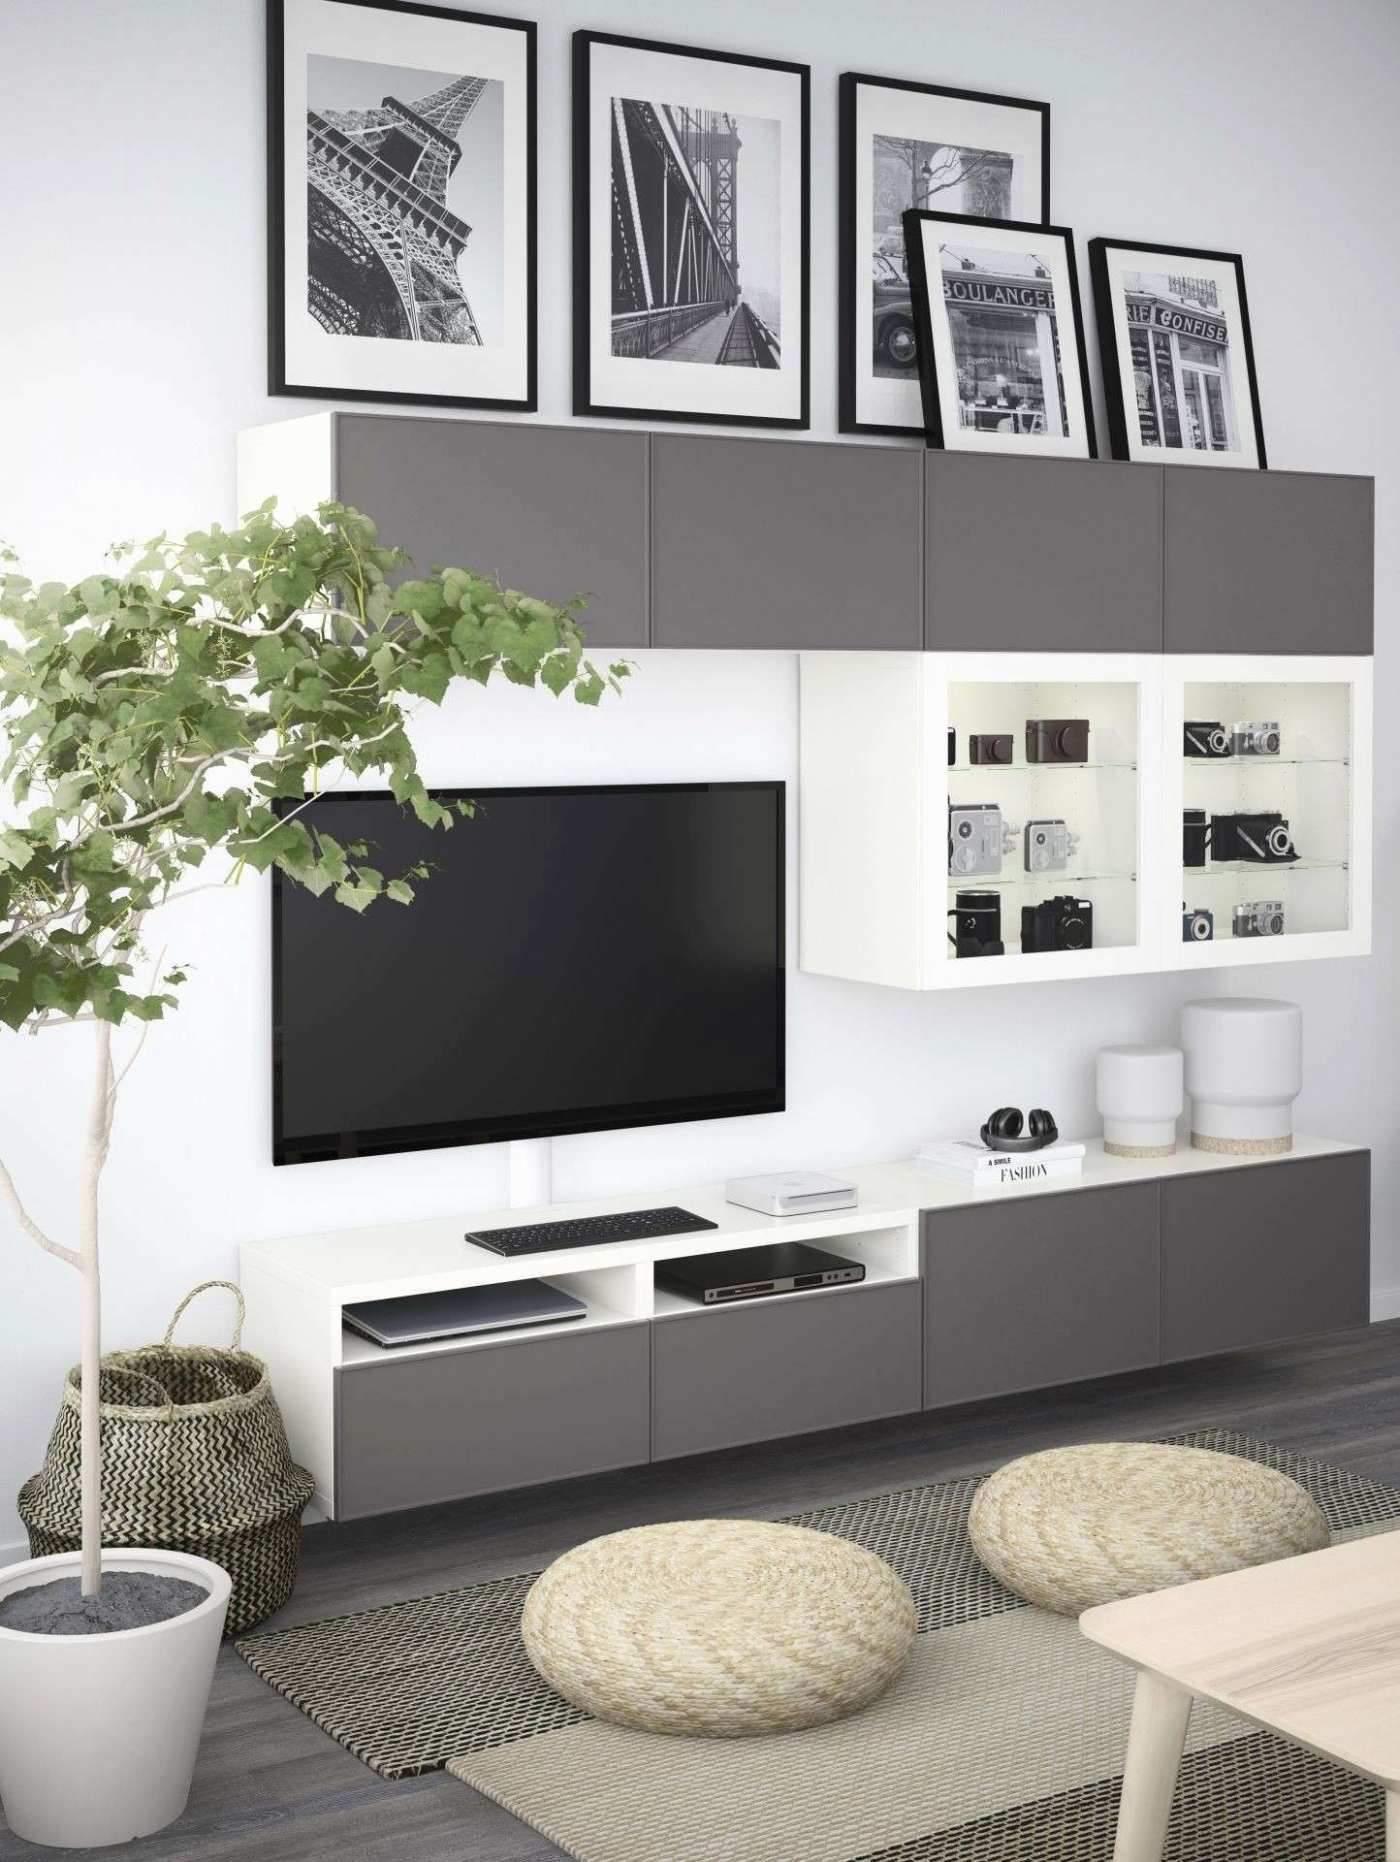 dekoration wohnzimmer frisch 55 genial deko ideen selbermachen wohnzimmer neu of dekoration wohnzimmer